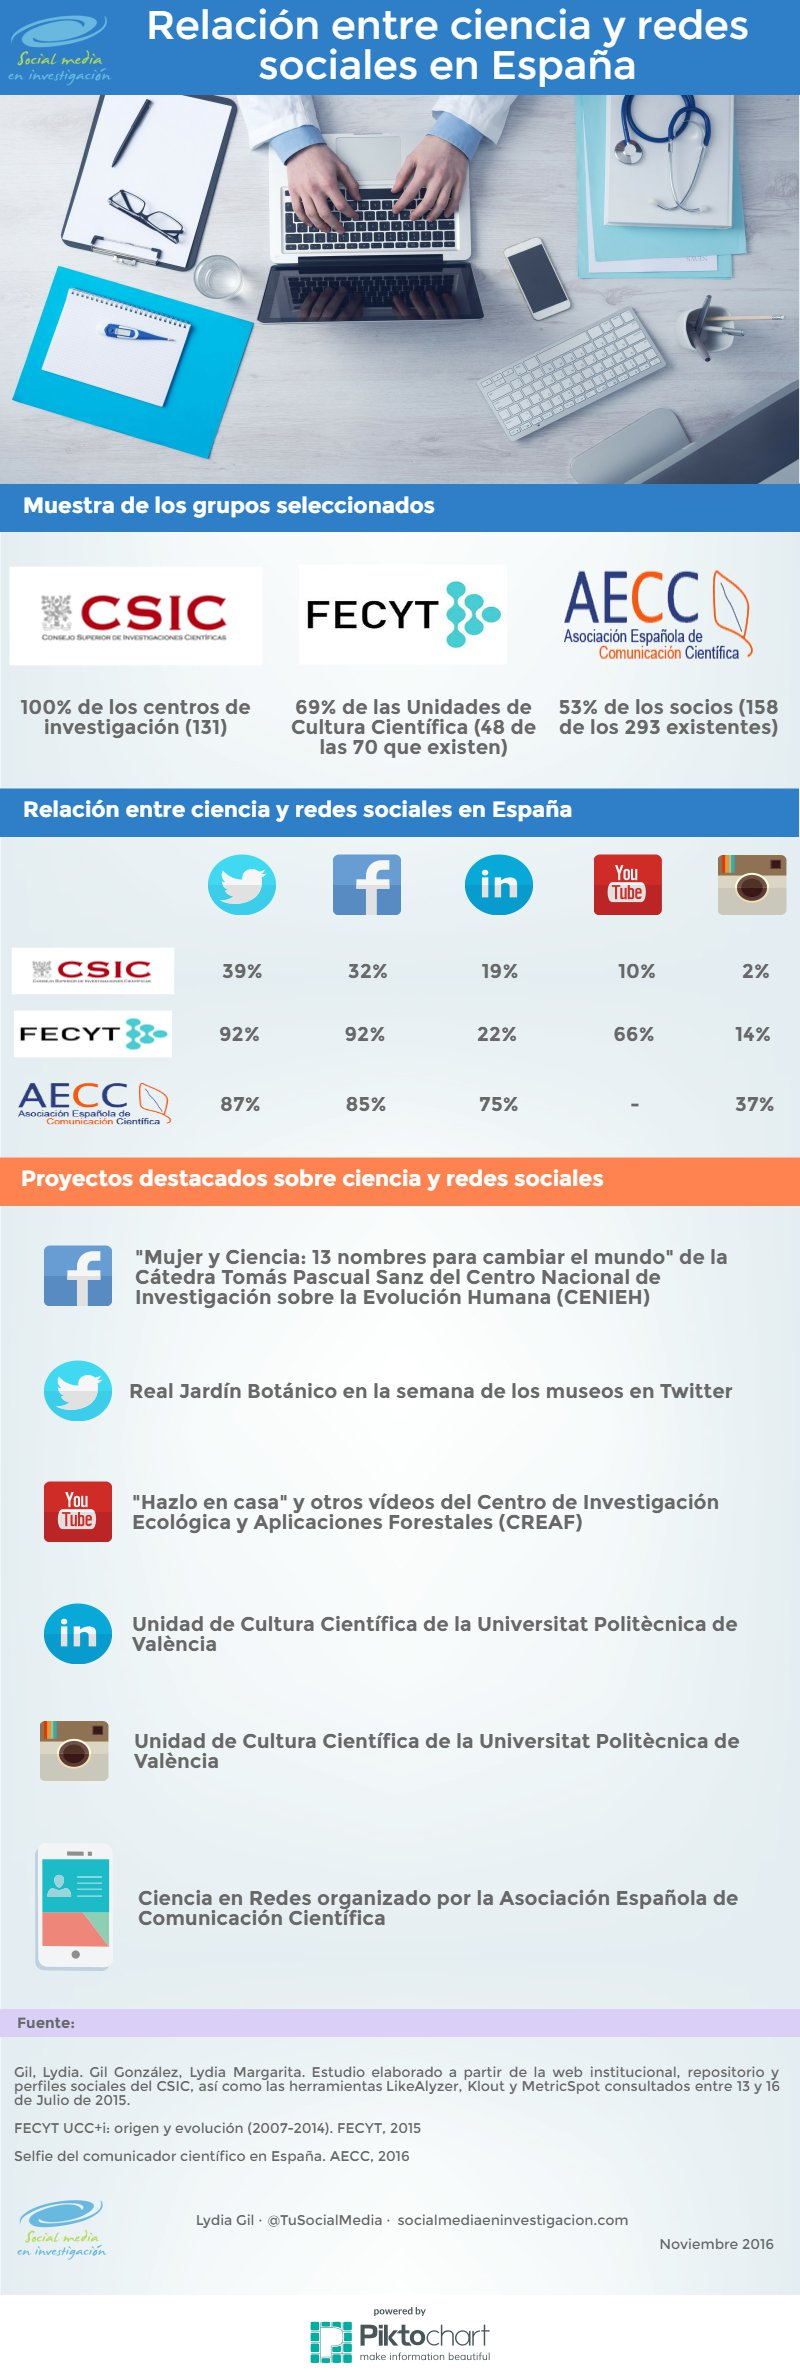 Infografia Ciencia y redes sociales en España